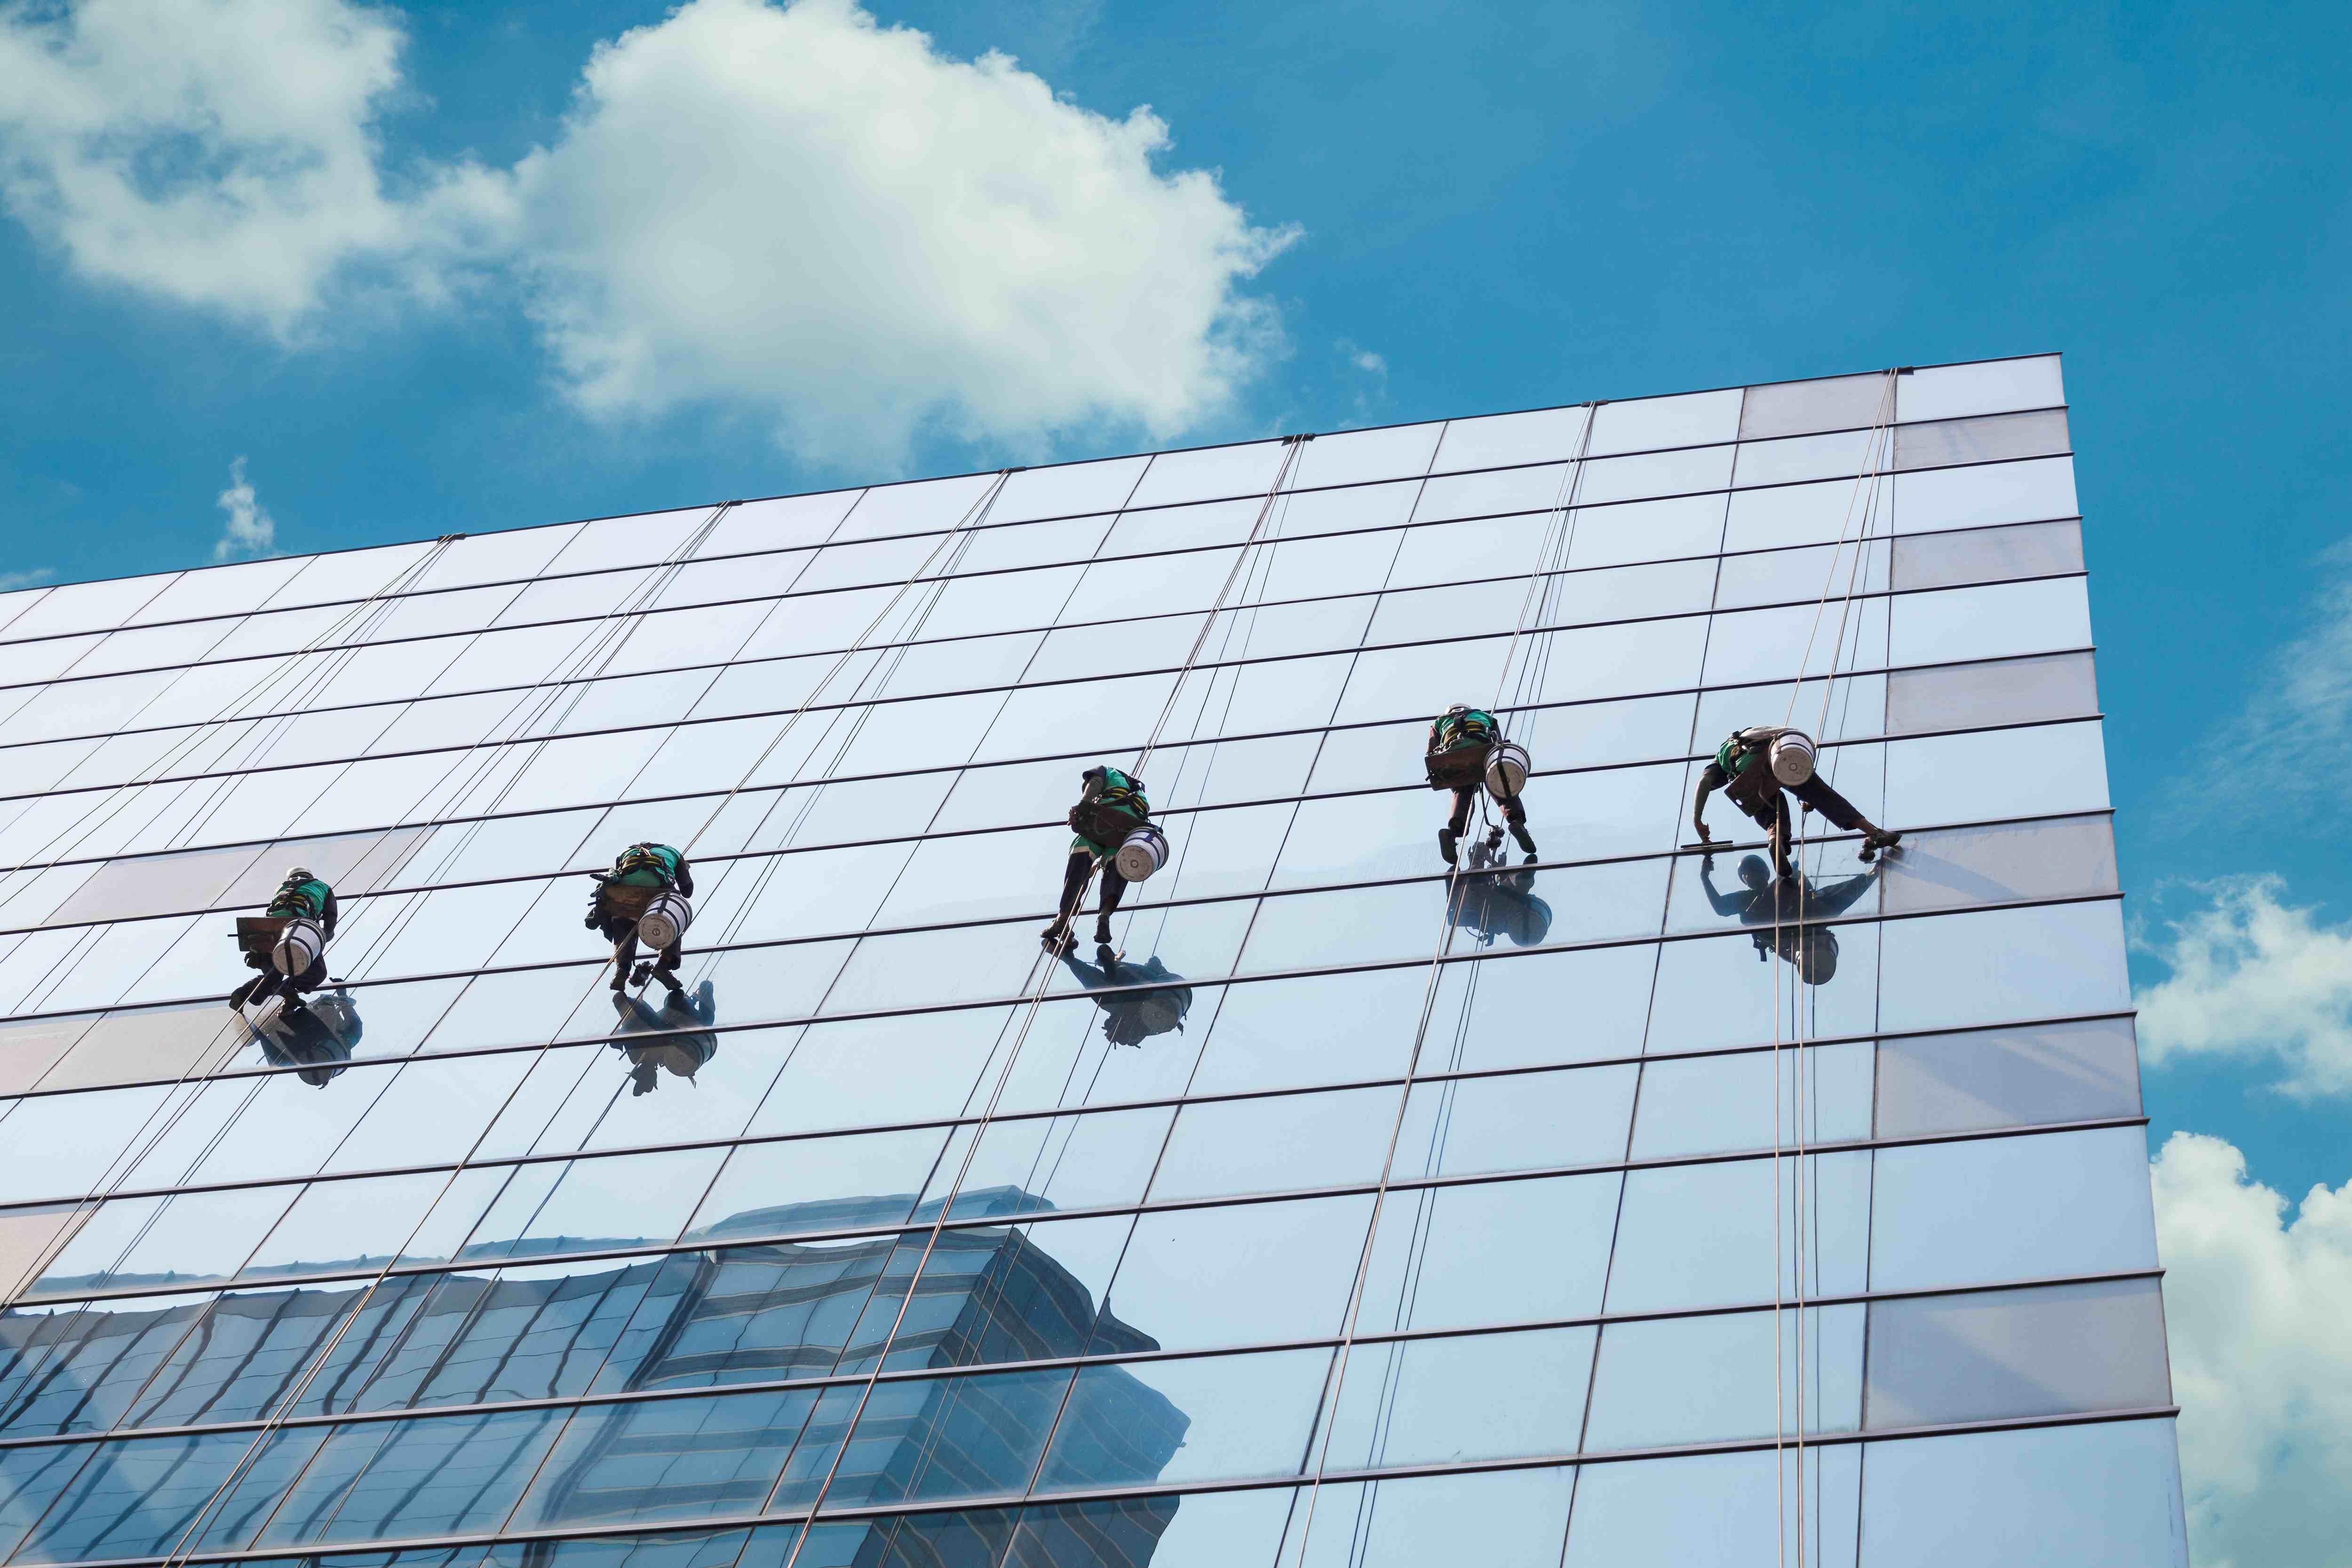 Vitrerie inaccessible / hauteur / building